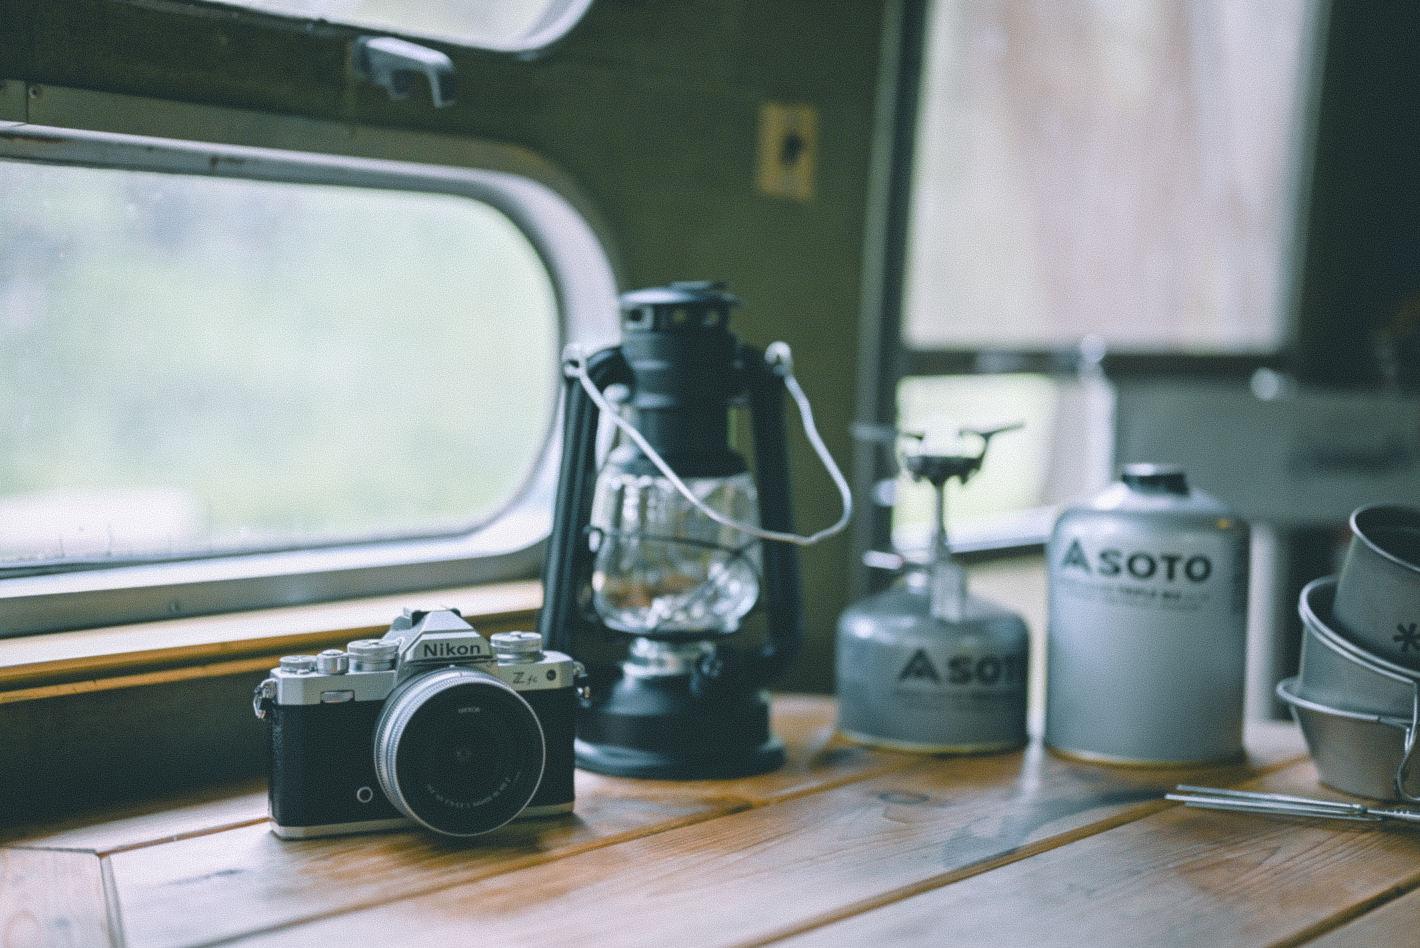 キャンプ好きフォトグラファーが教える家族写真の残し方 – Z fcを手にトレーラーハウスでグランピング体験